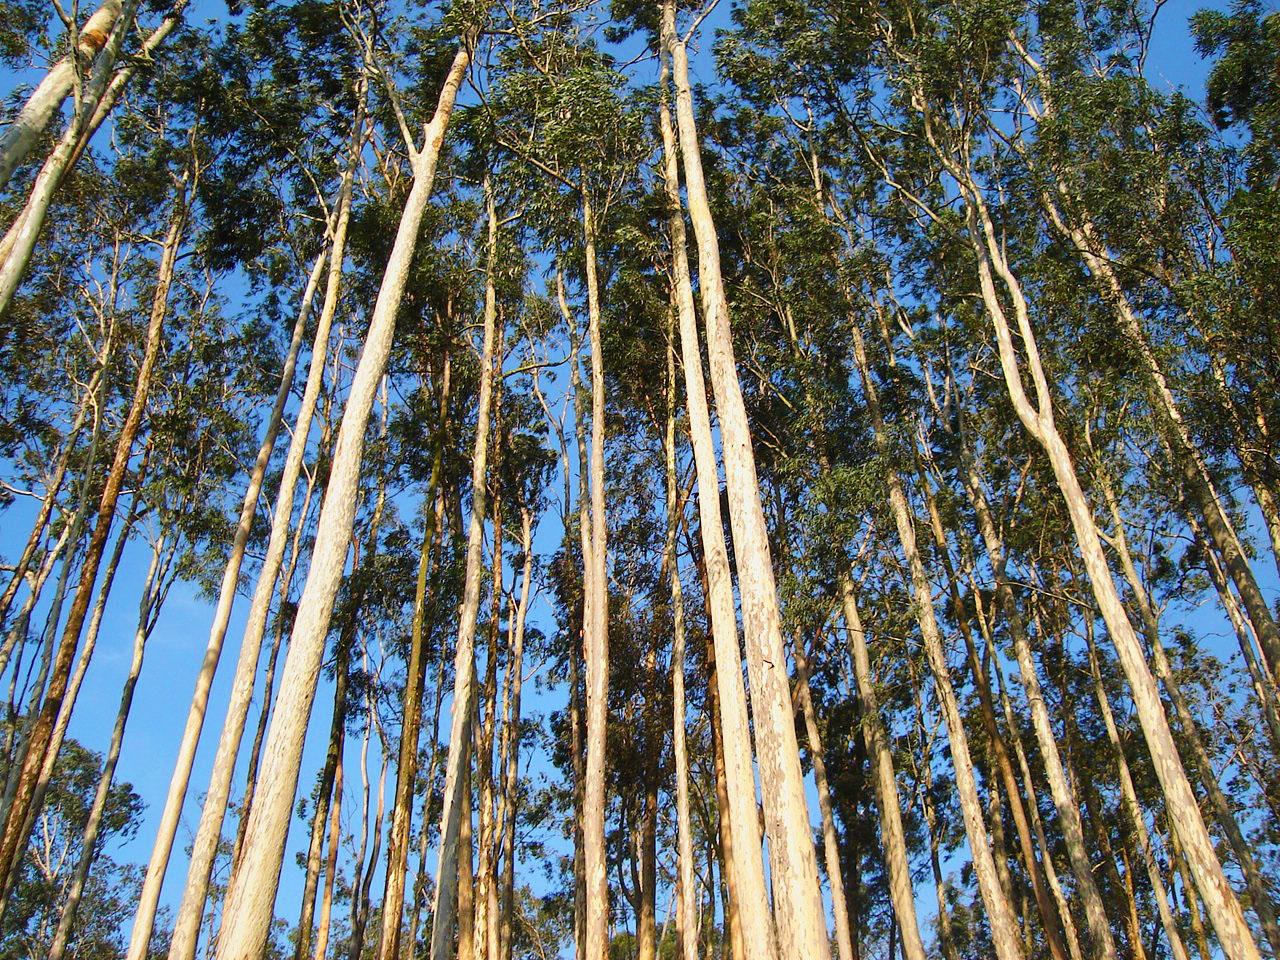 Andritz fornecerá sistema de manuseio de biomassa para usina no Mato Grosso do Sul